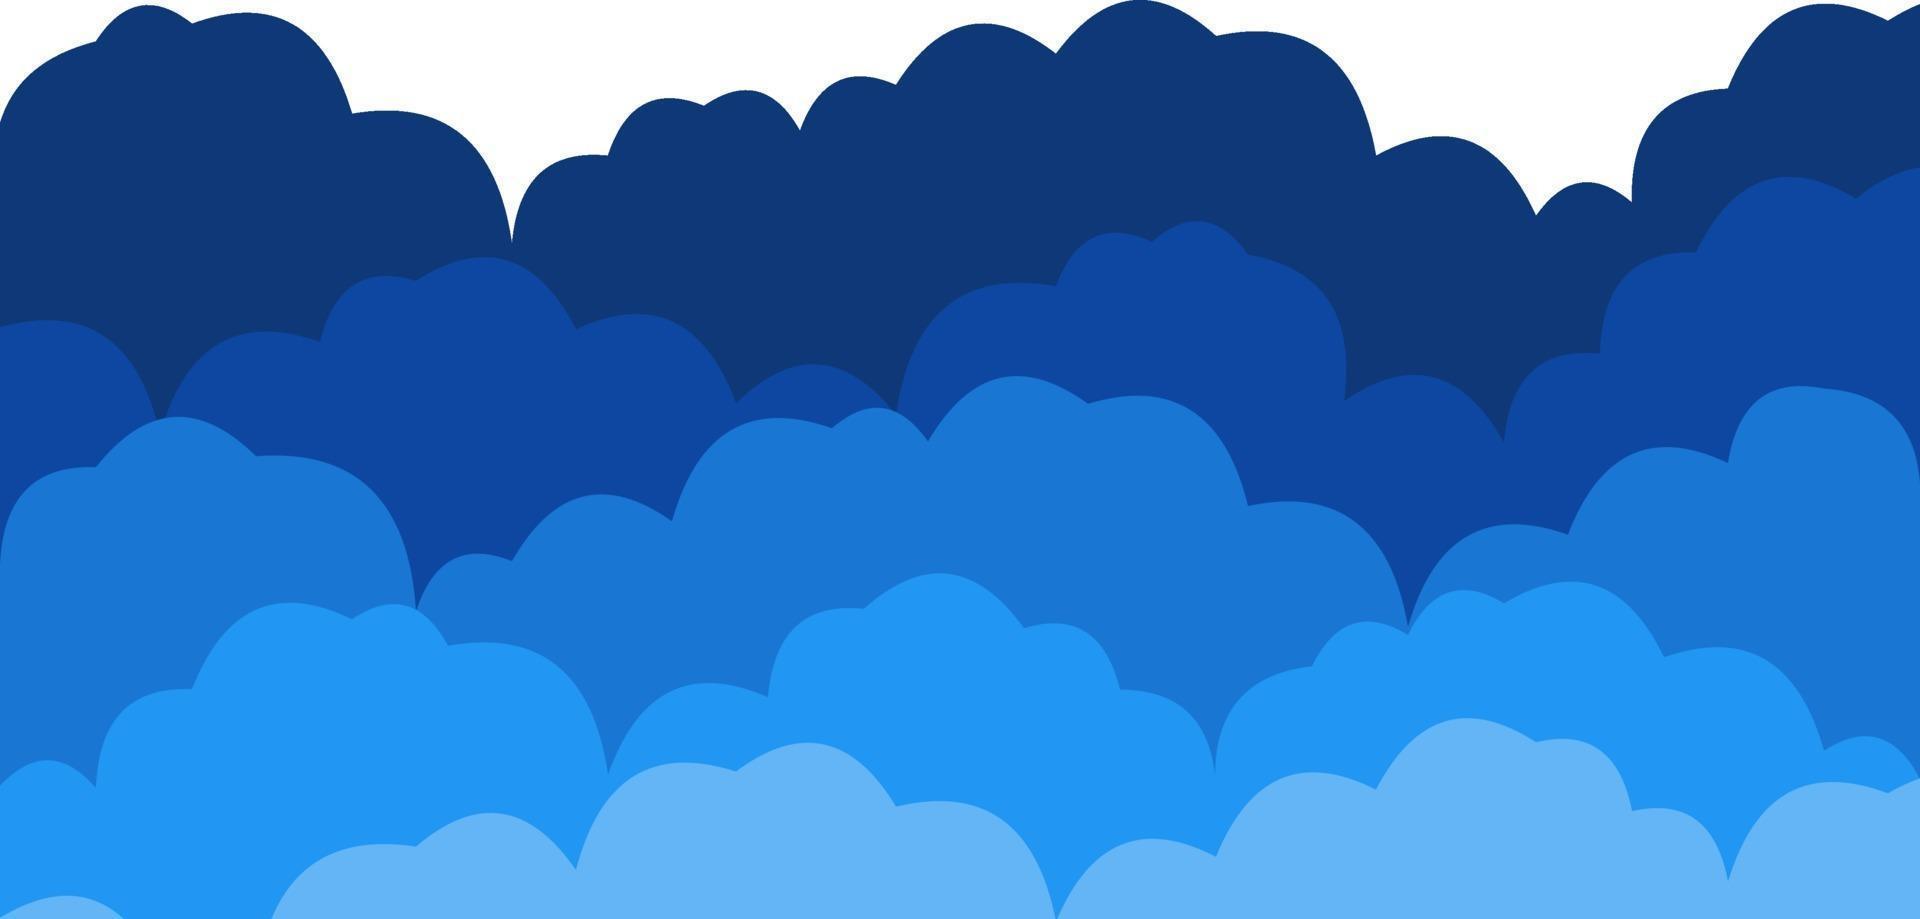 fond de cinq rangées de nuages colorés vecteur